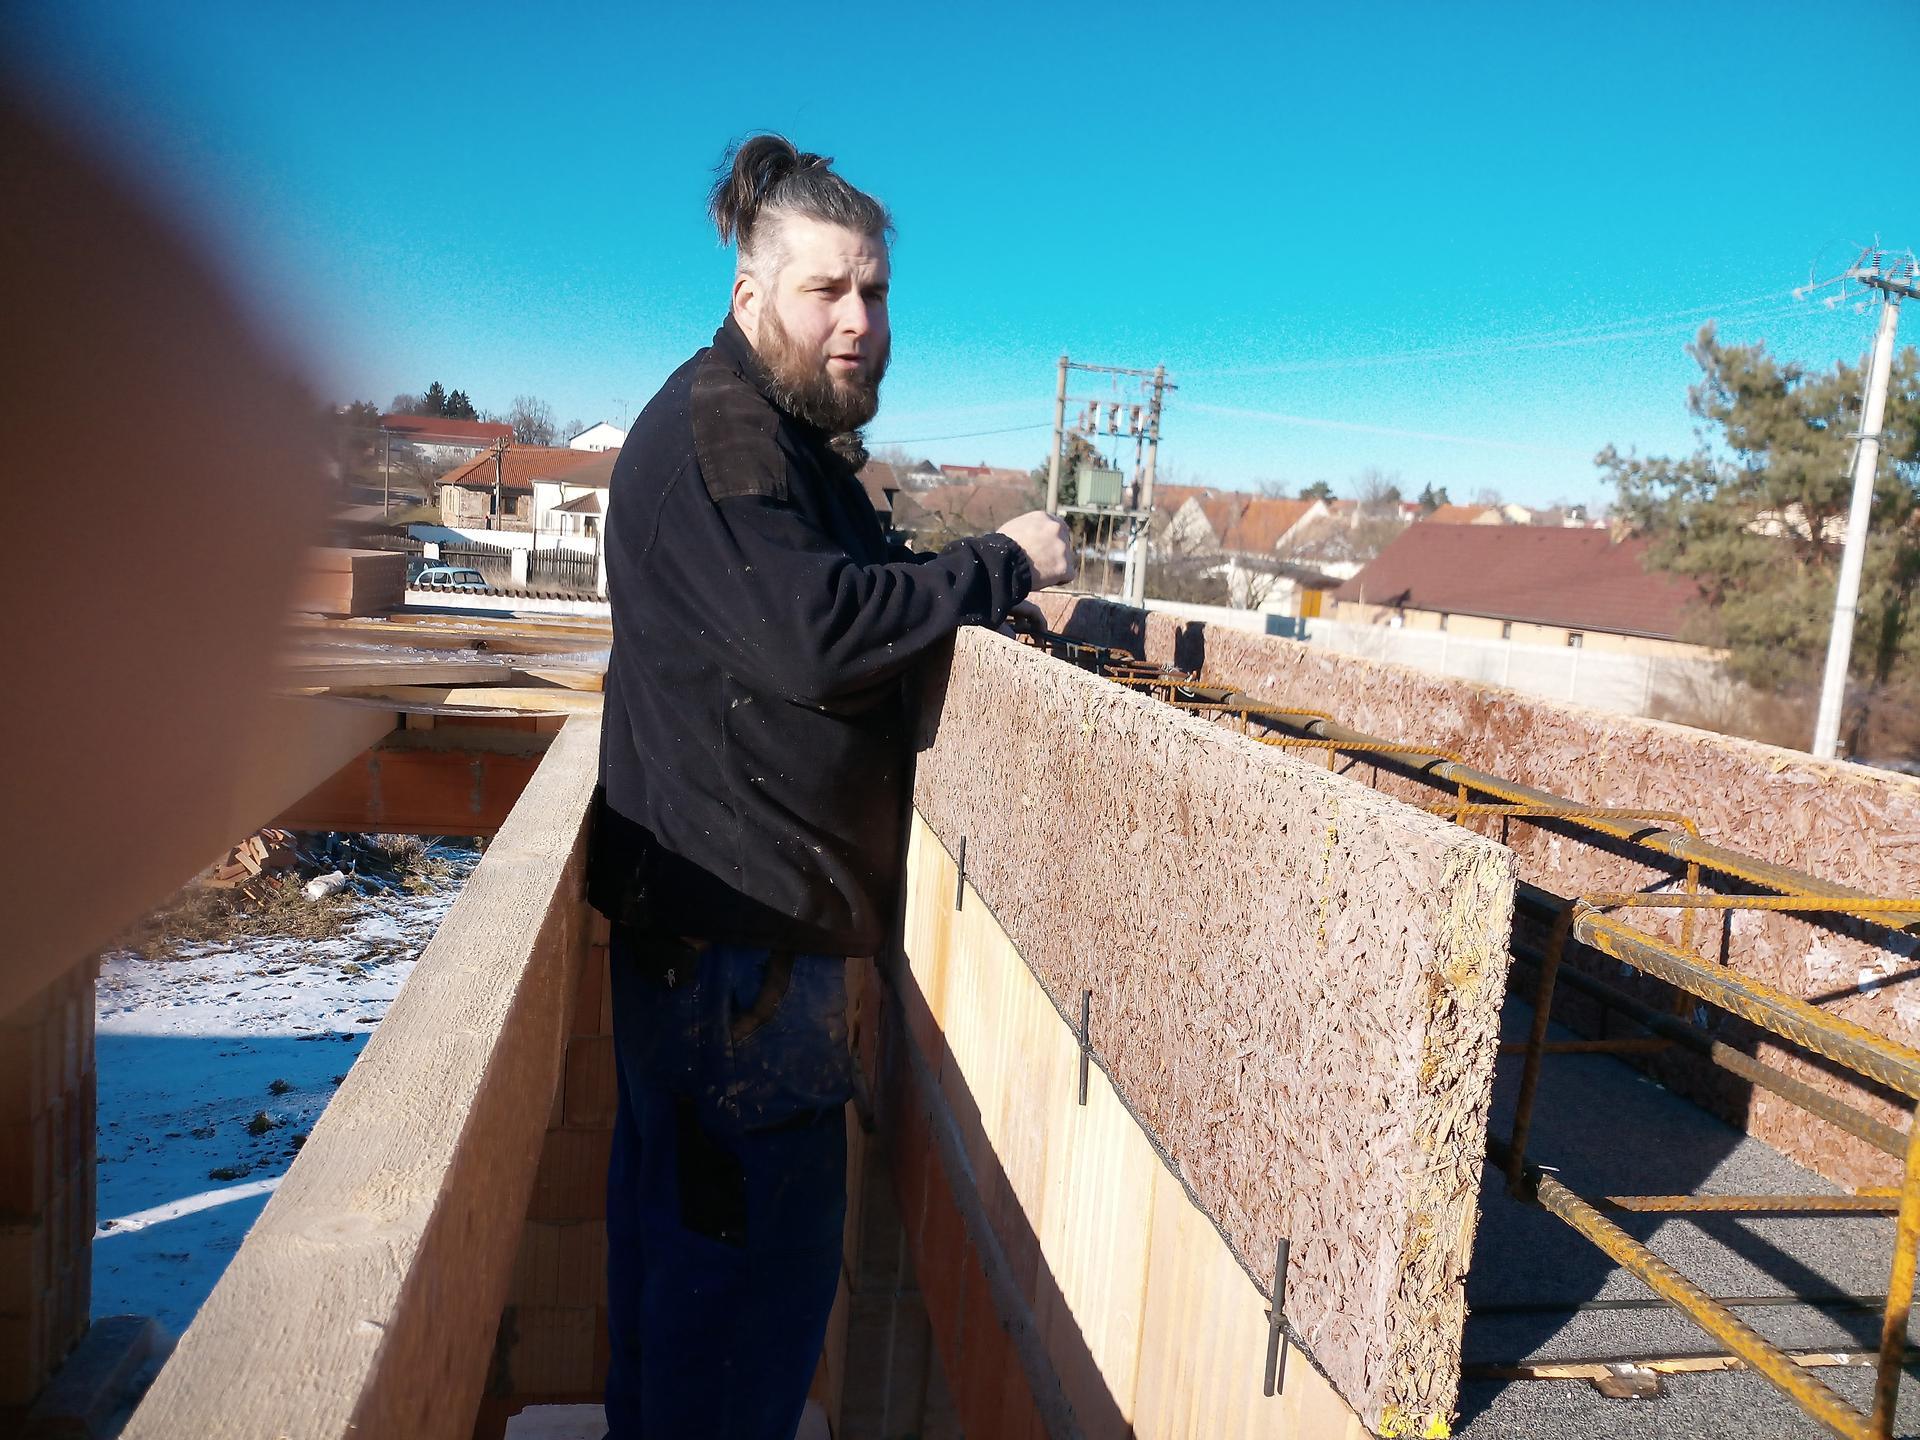 Věnec + střecha - Obrázek č. 1